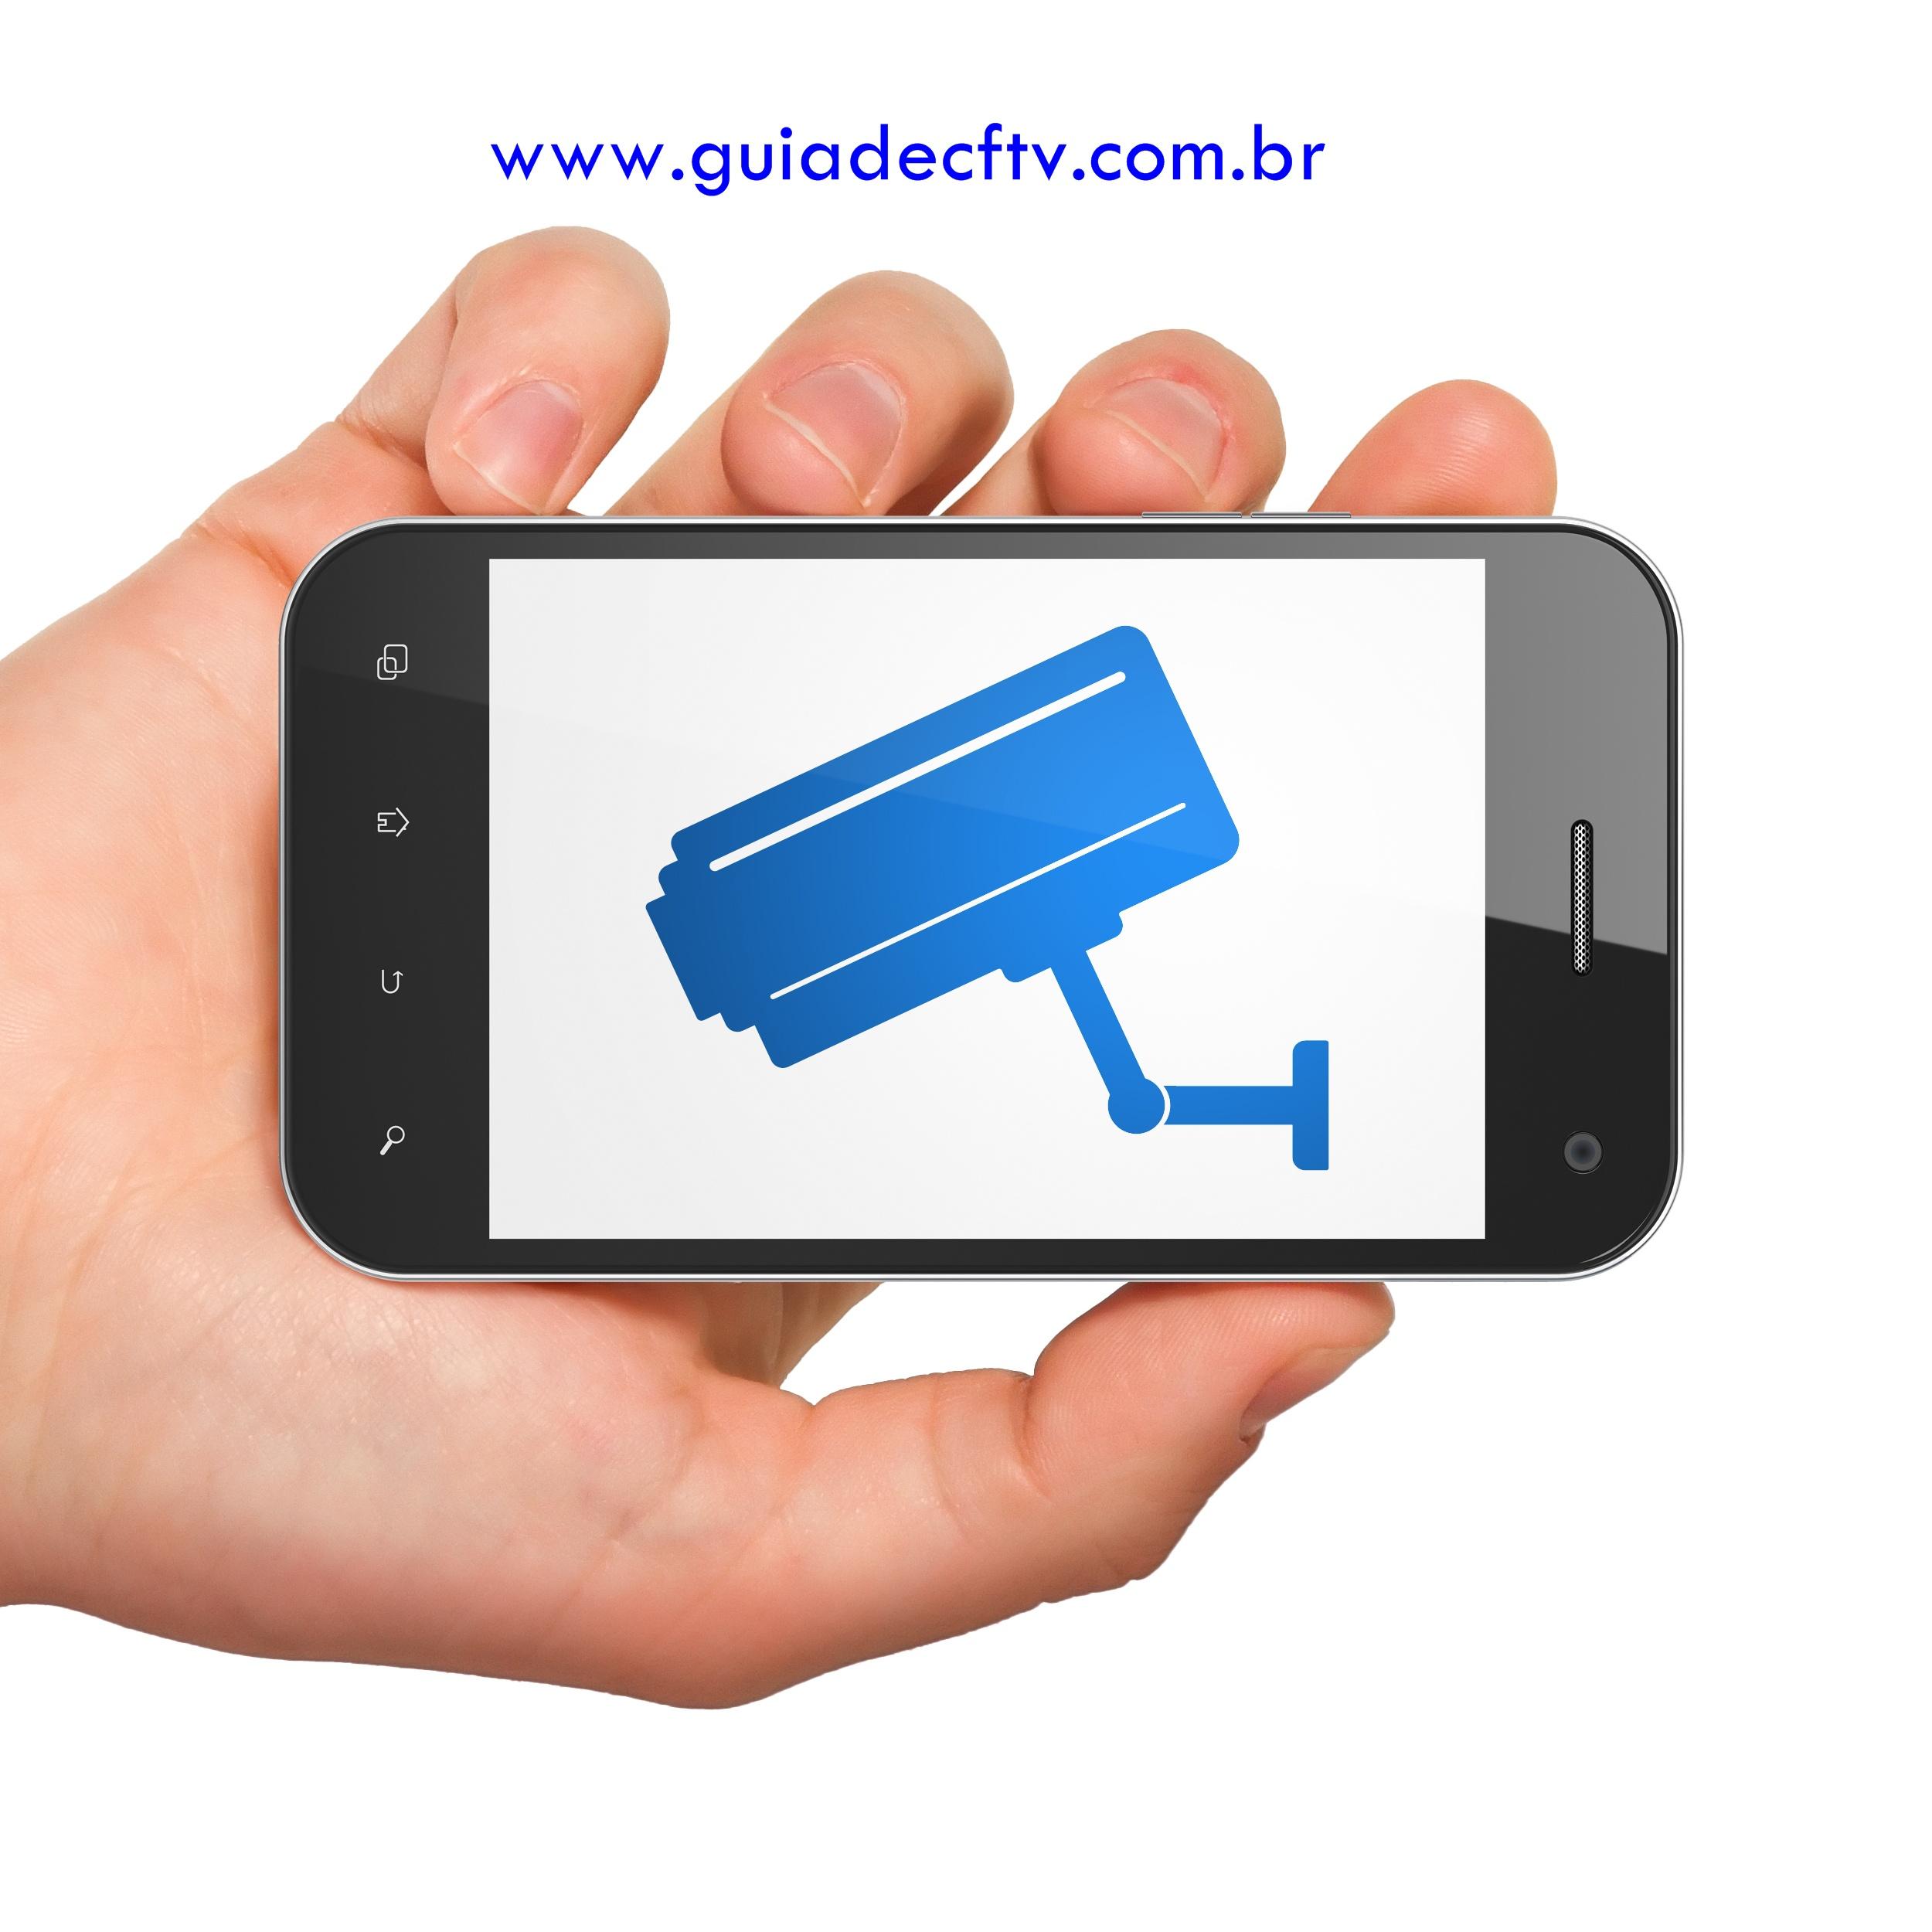 Aplicativo para Acesso remoto via Smartphone